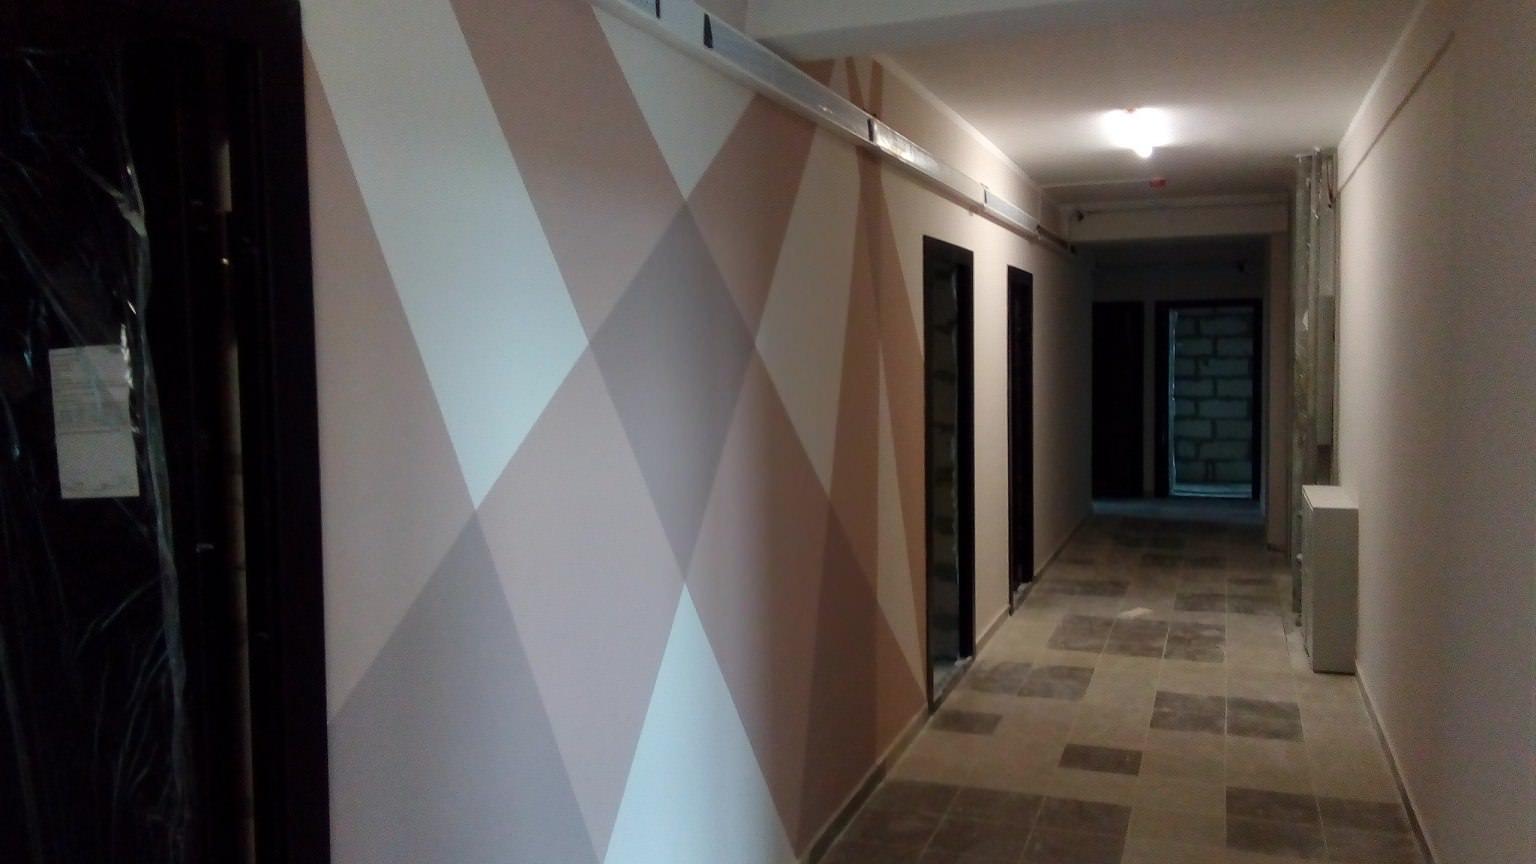 korpus 6 s 3 - Дом 6 - в секции 3 произведен окрас стен в МОПах